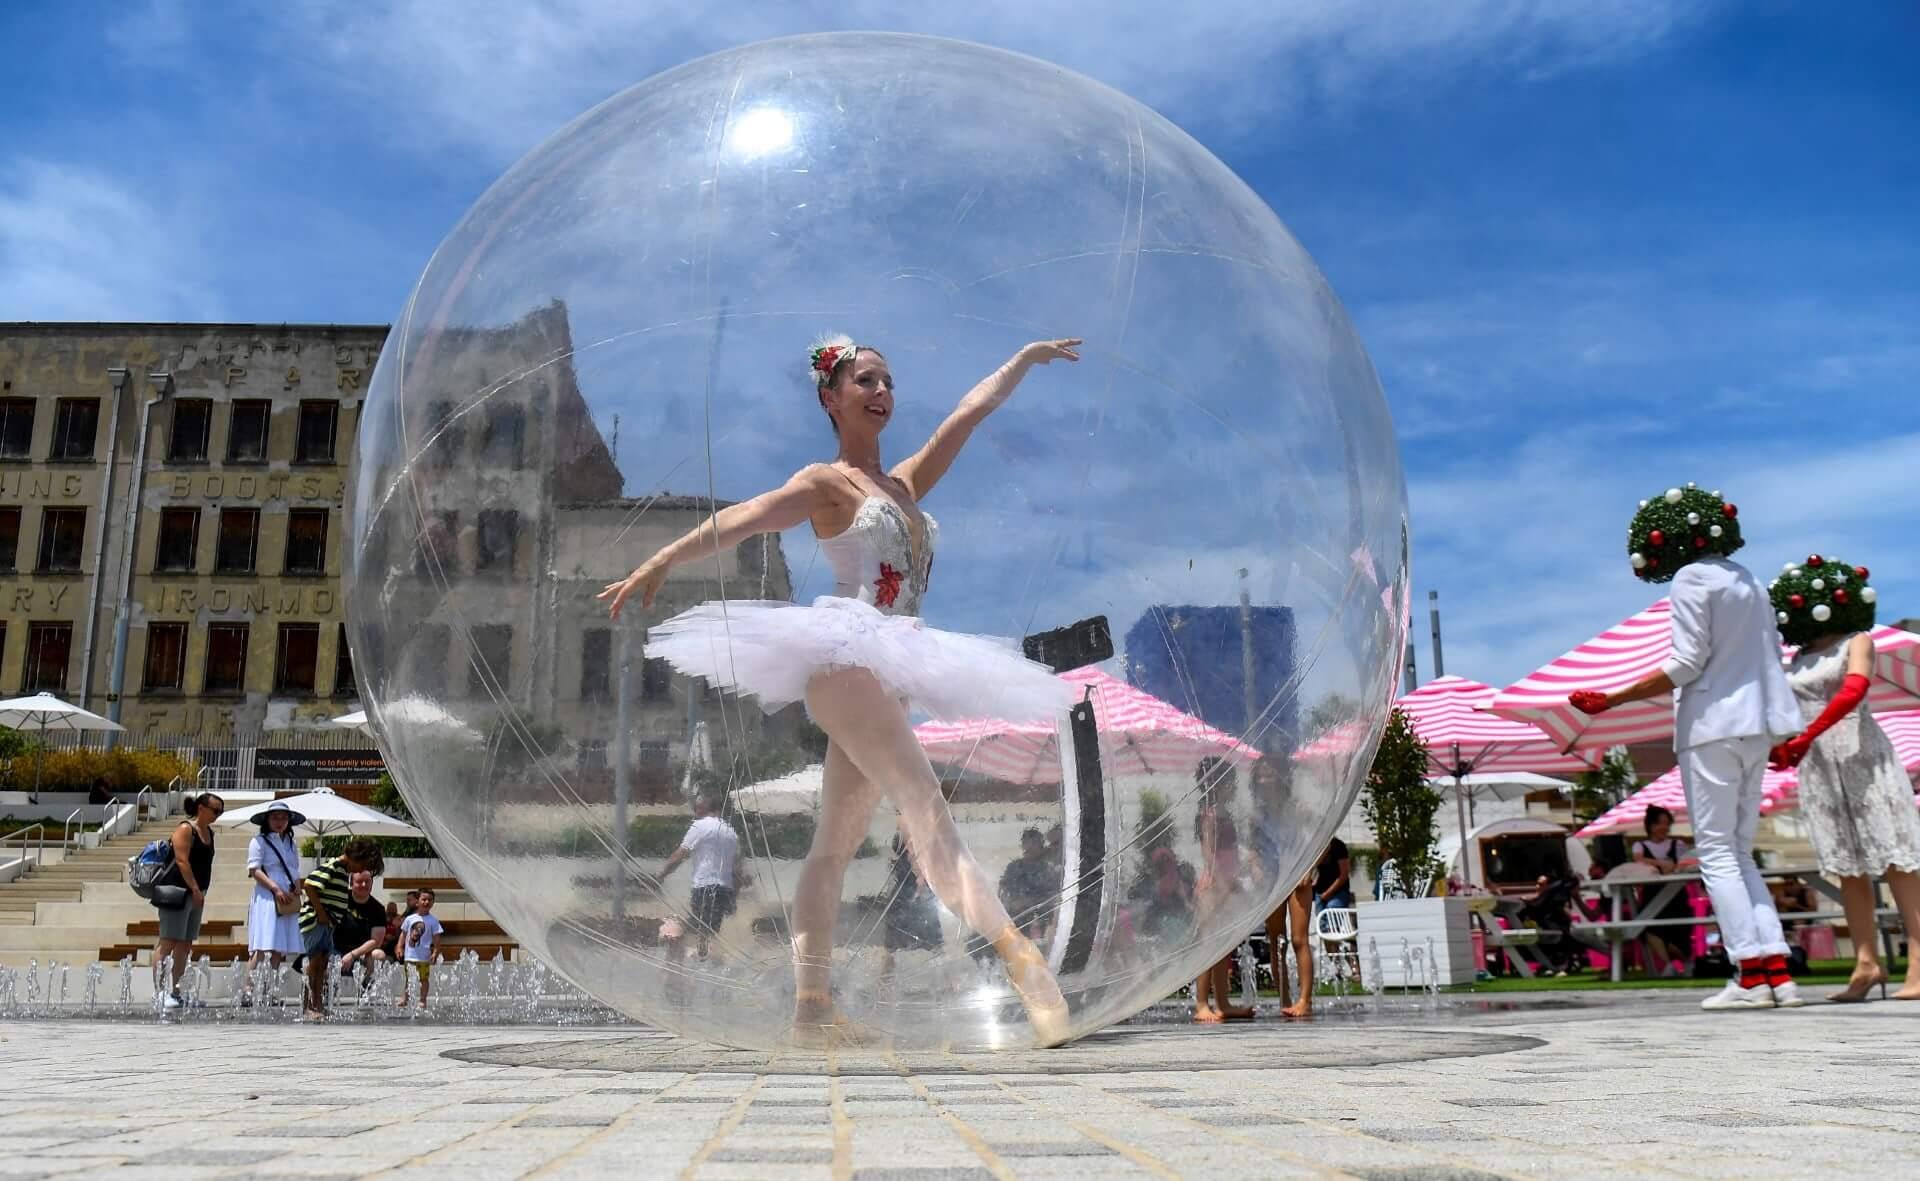 Dancing Angel | Ballerina in Orb